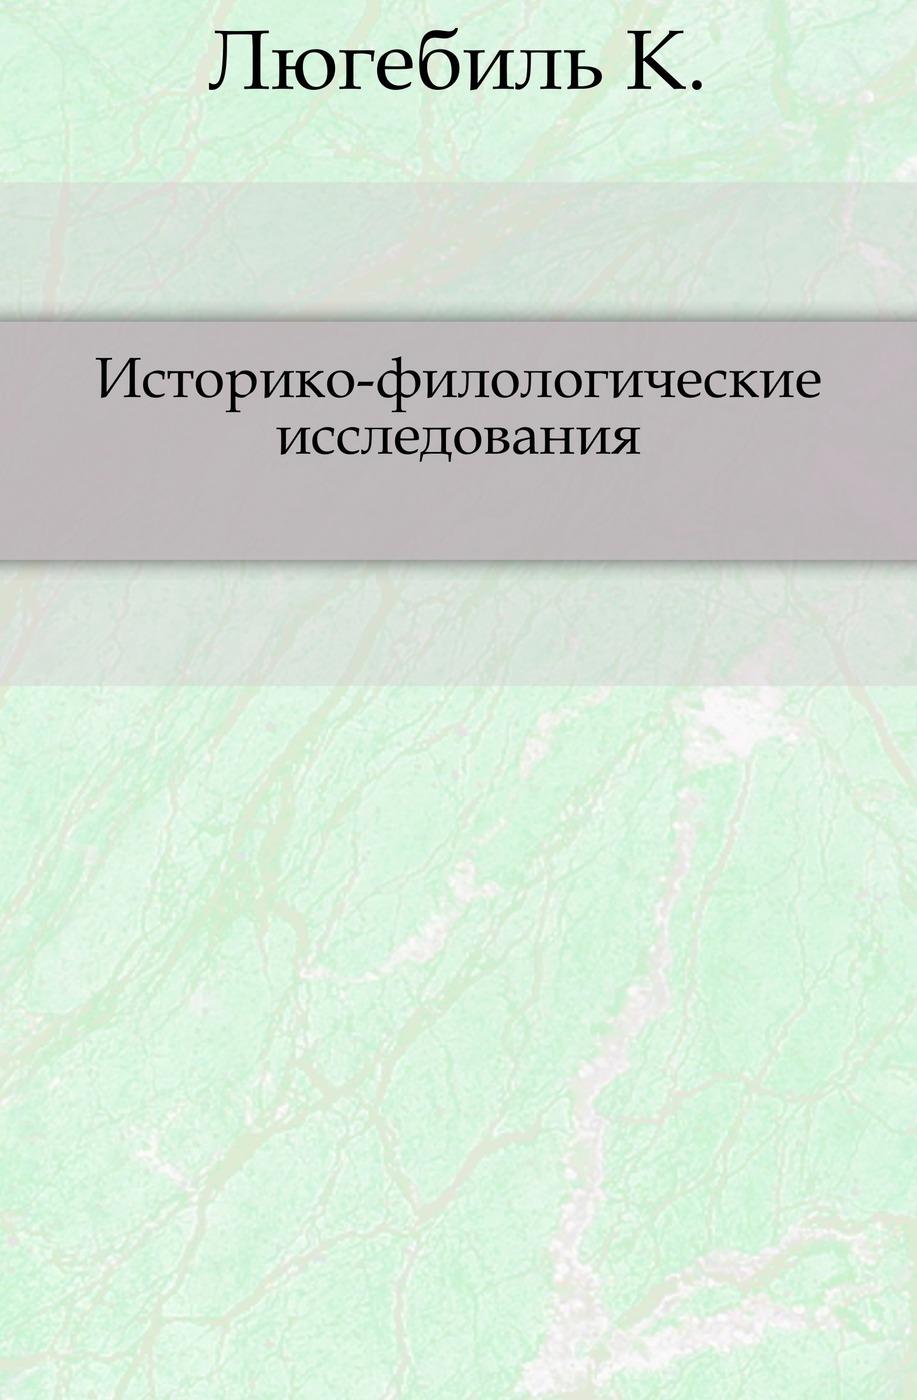 Историко-филологические исследования